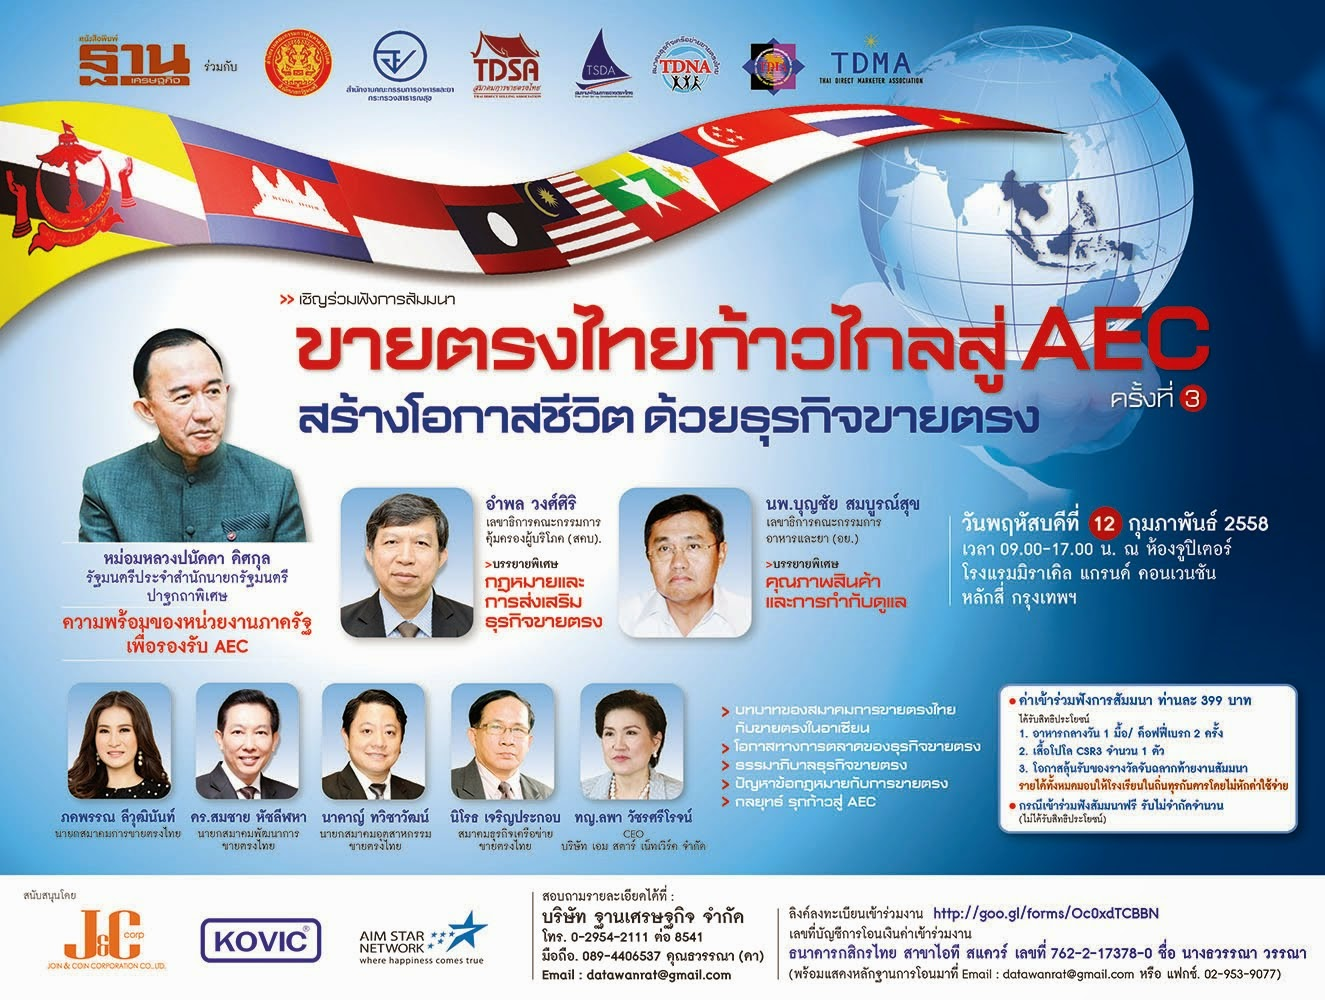 เชิญเข้าร่วมสัมนาขายตรงไทยก้าวไกลสู่ AEC ครั้งที่ 3